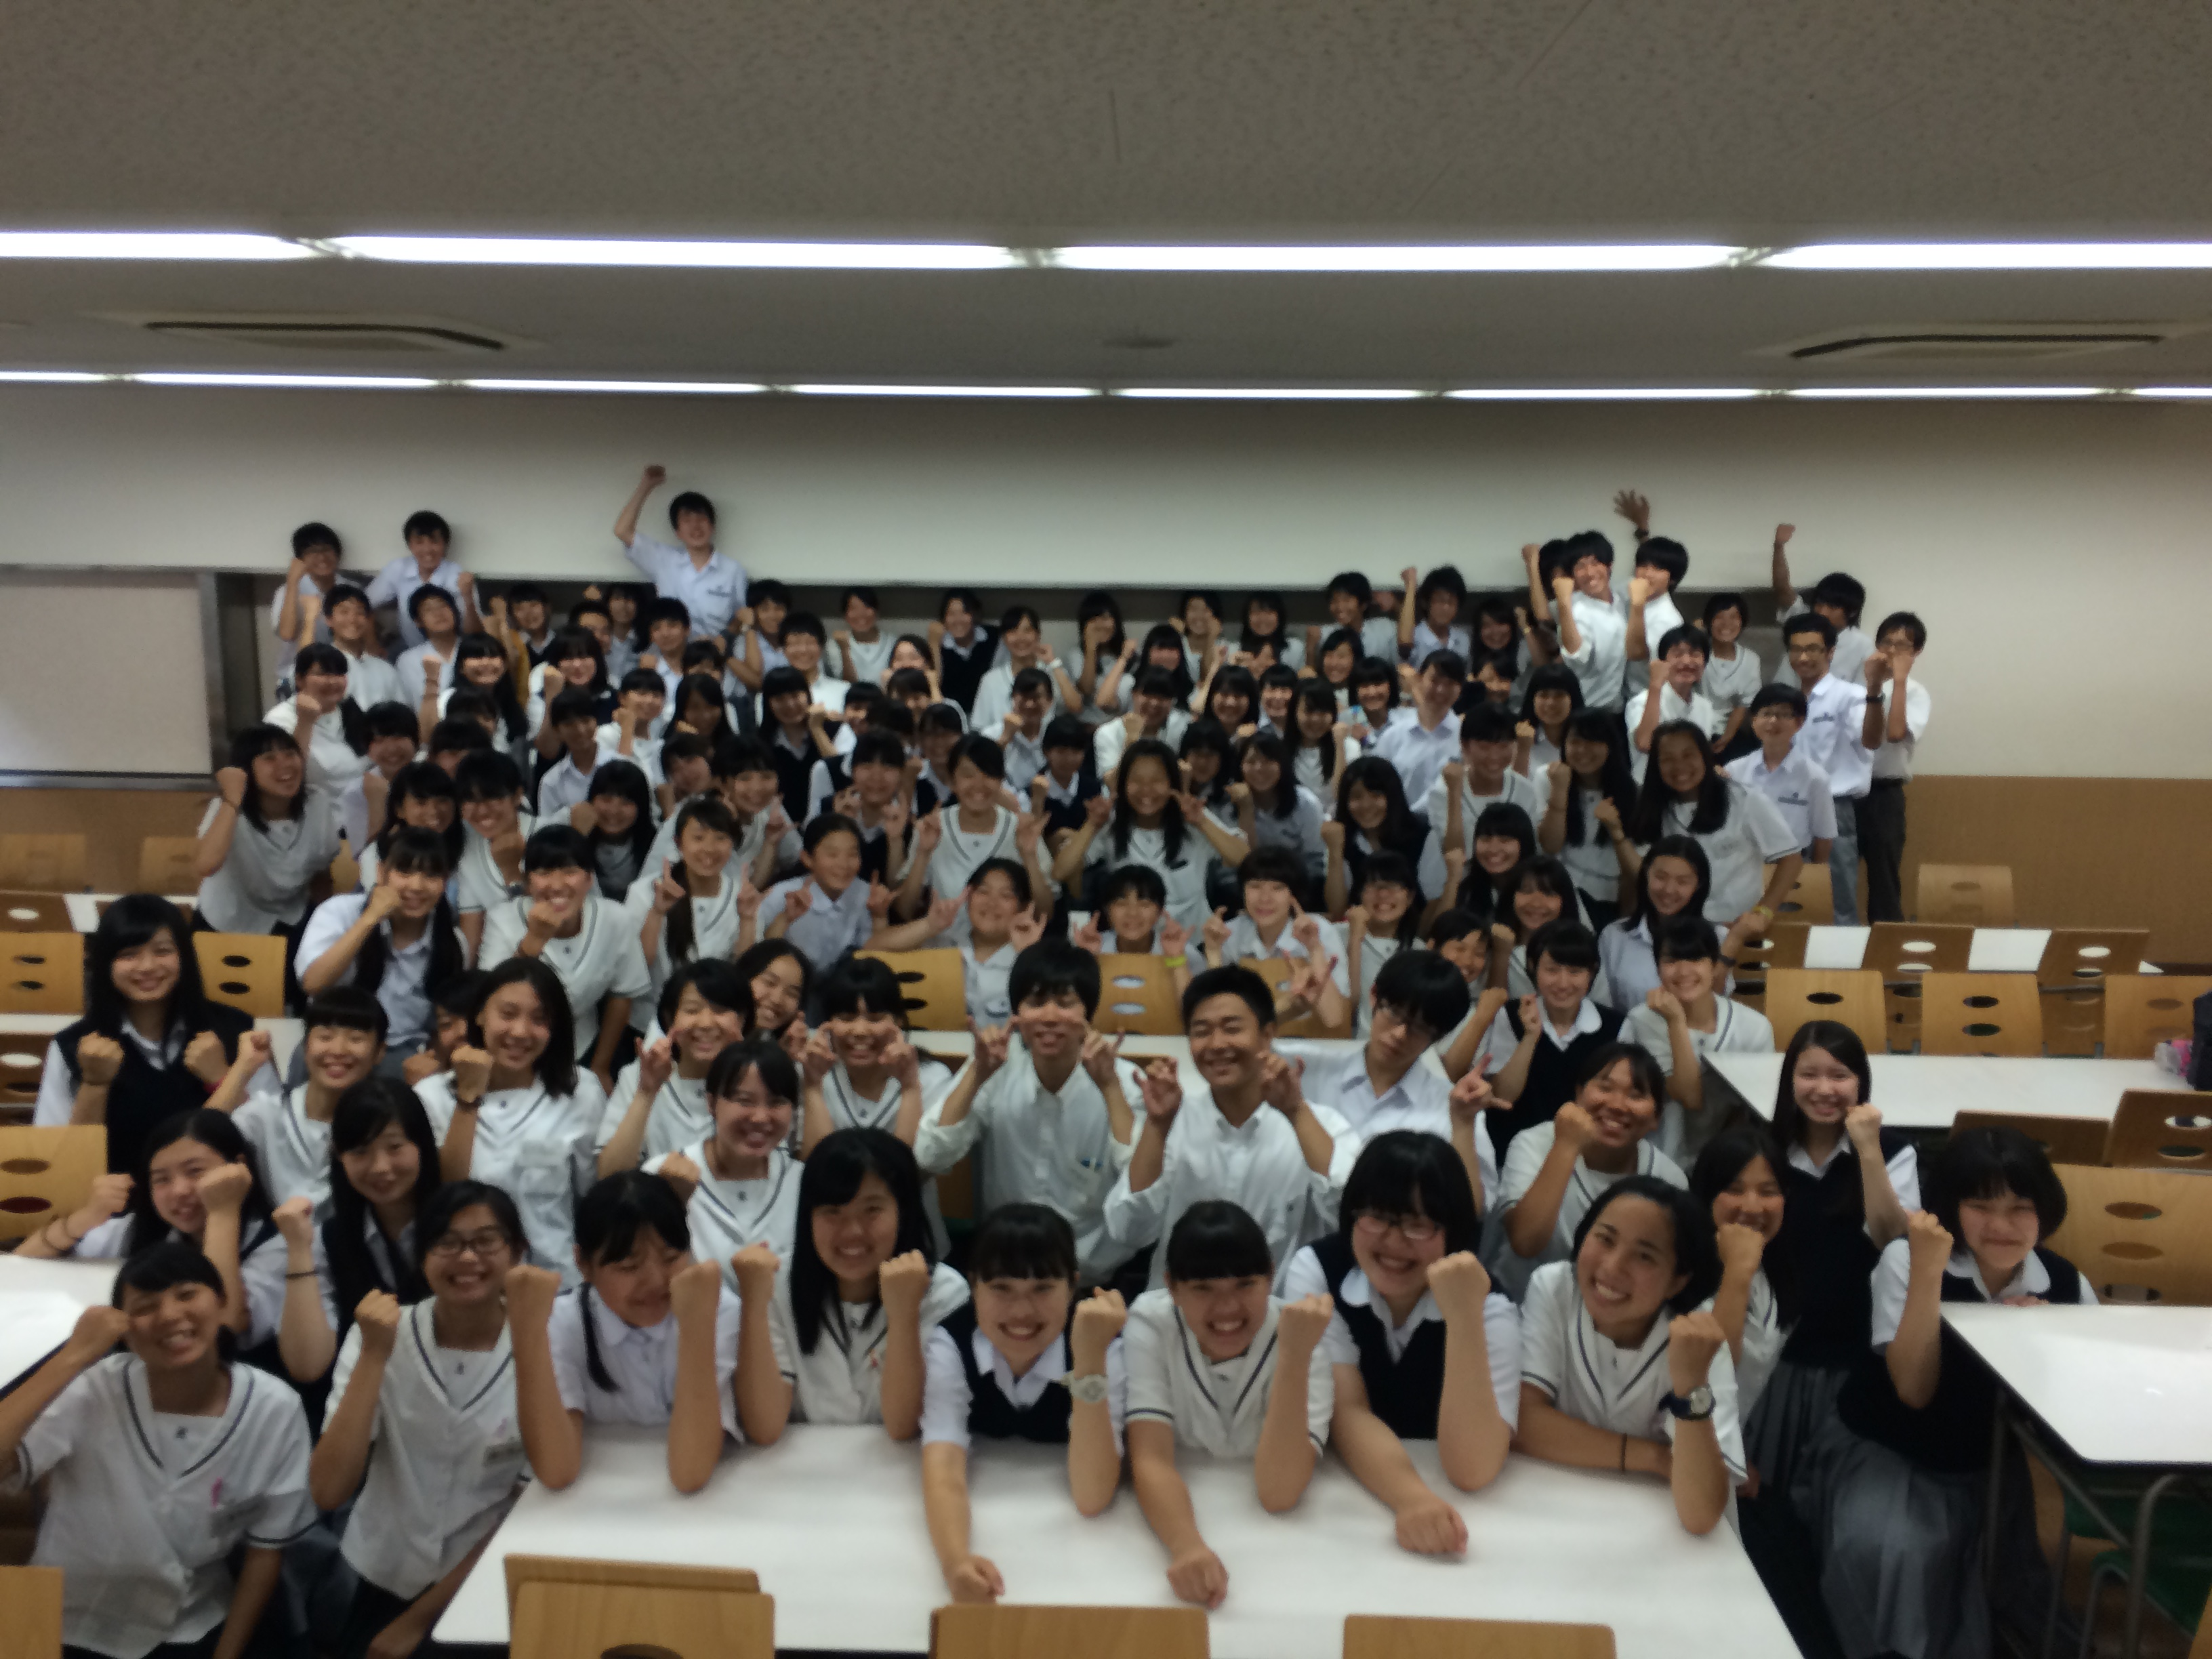 吹奏楽部の活動   金光大阪中学校・高等学校